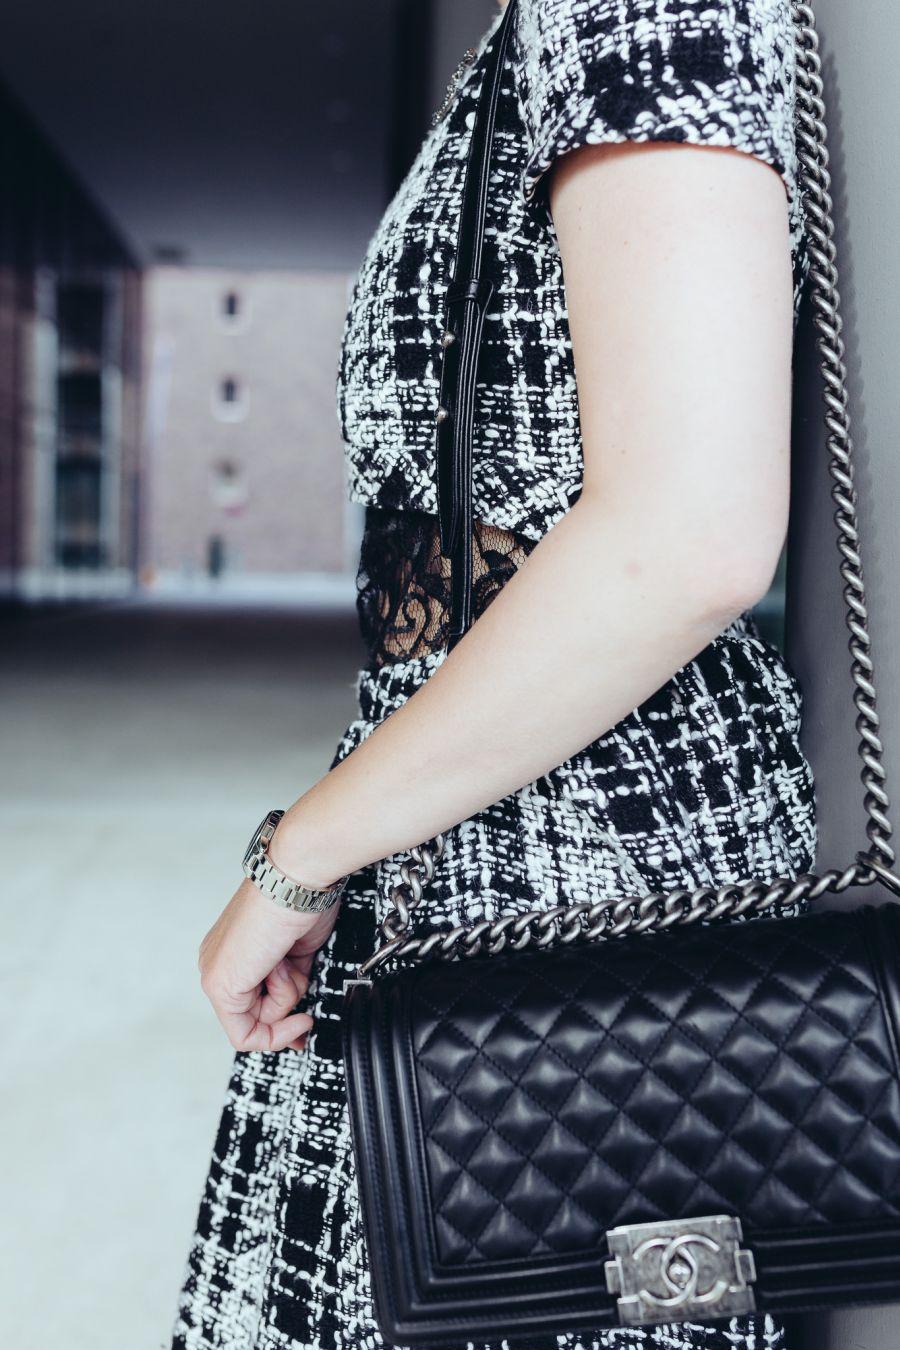 chanel tasche schwarz chanel taschen tasche aus lammleder schwarz a50167 chanel taschen tasche. Black Bedroom Furniture Sets. Home Design Ideas